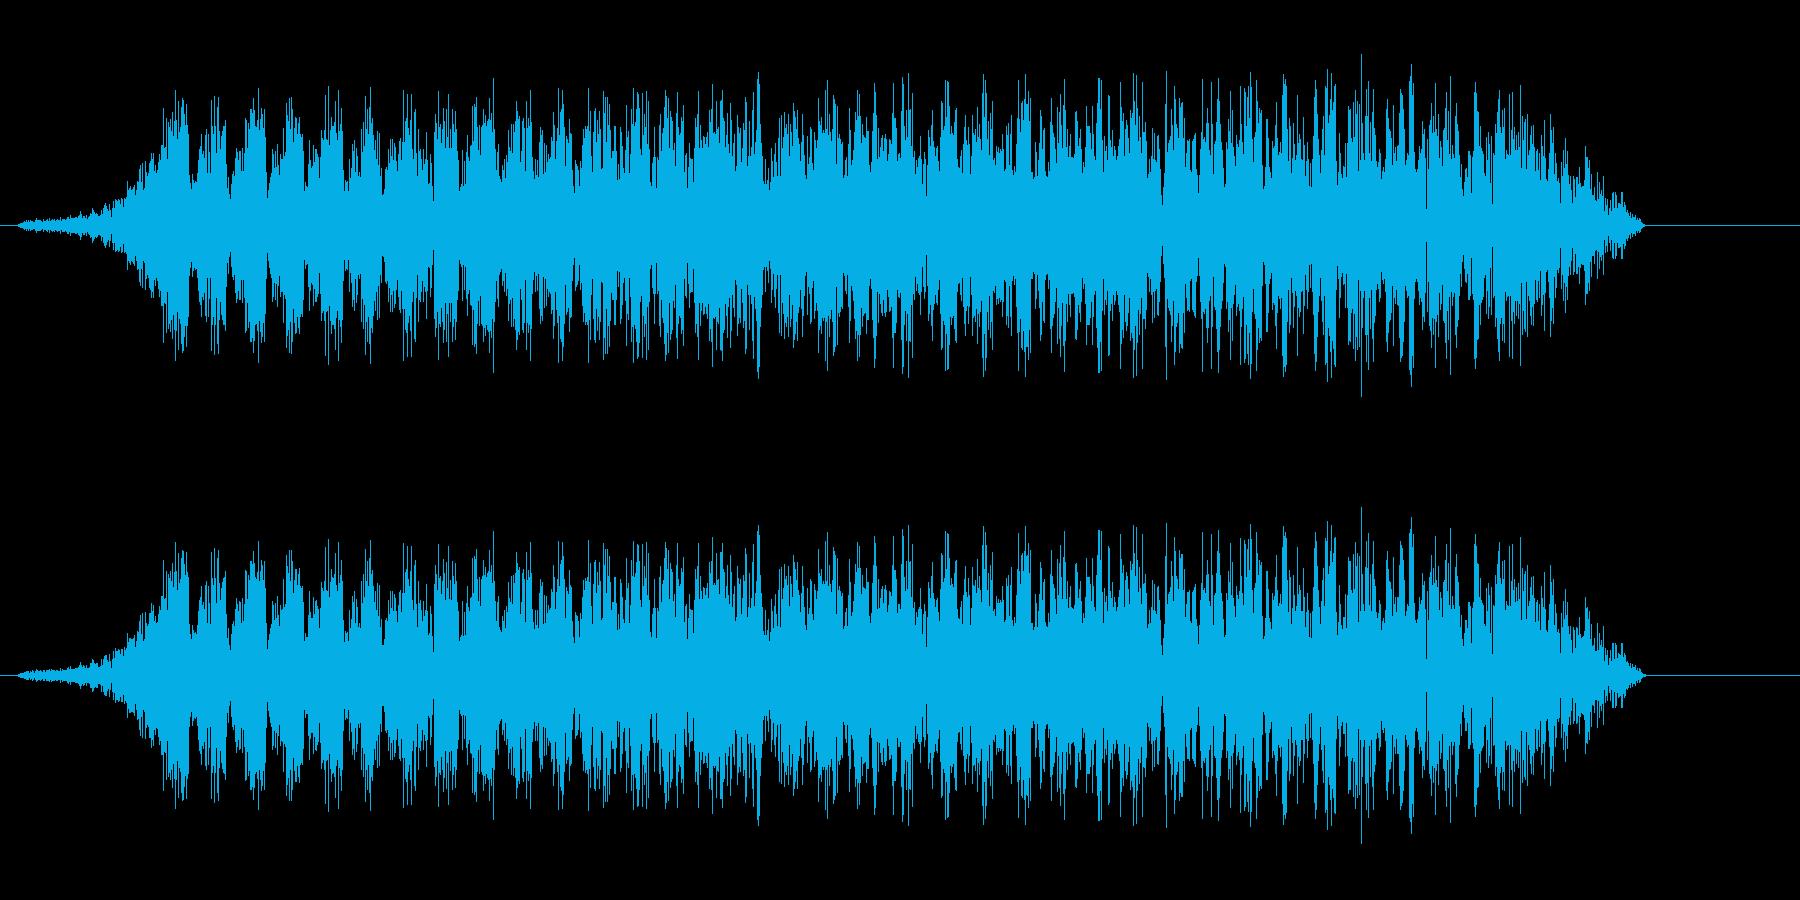 猫より少し大きい動物の鳴き声注意音の再生済みの波形